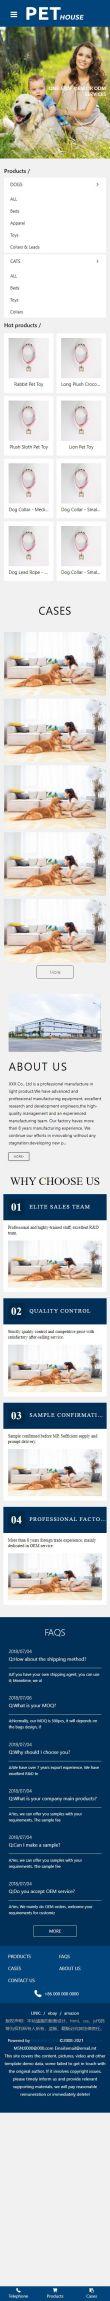 宠物外贸公司网站模板,宠物外贸公司网页模板,宠物外贸公司响应式网站模板